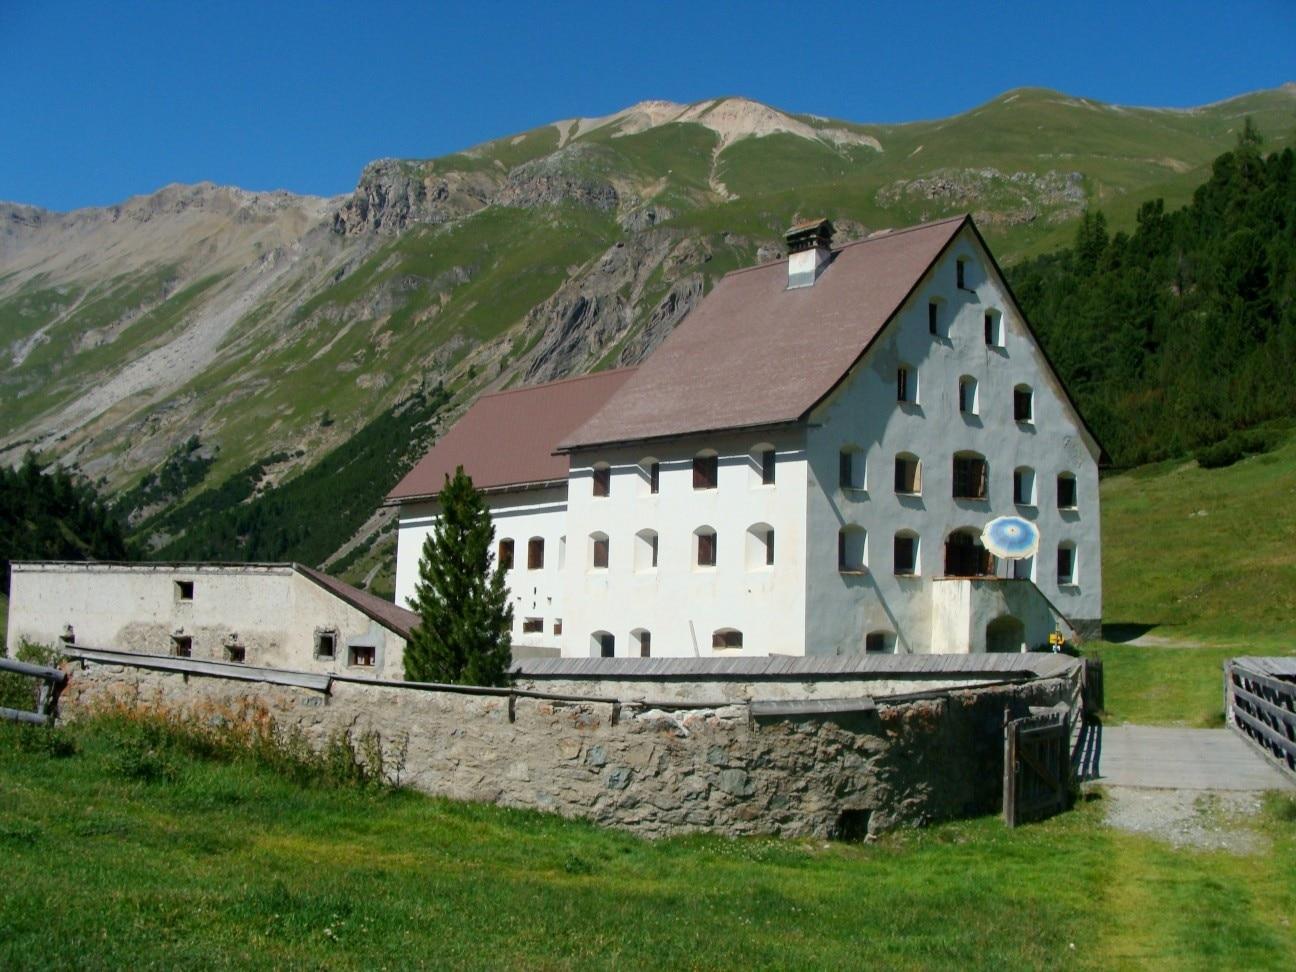 La Punt-Chamues-ch, Graubünden, Schweiz